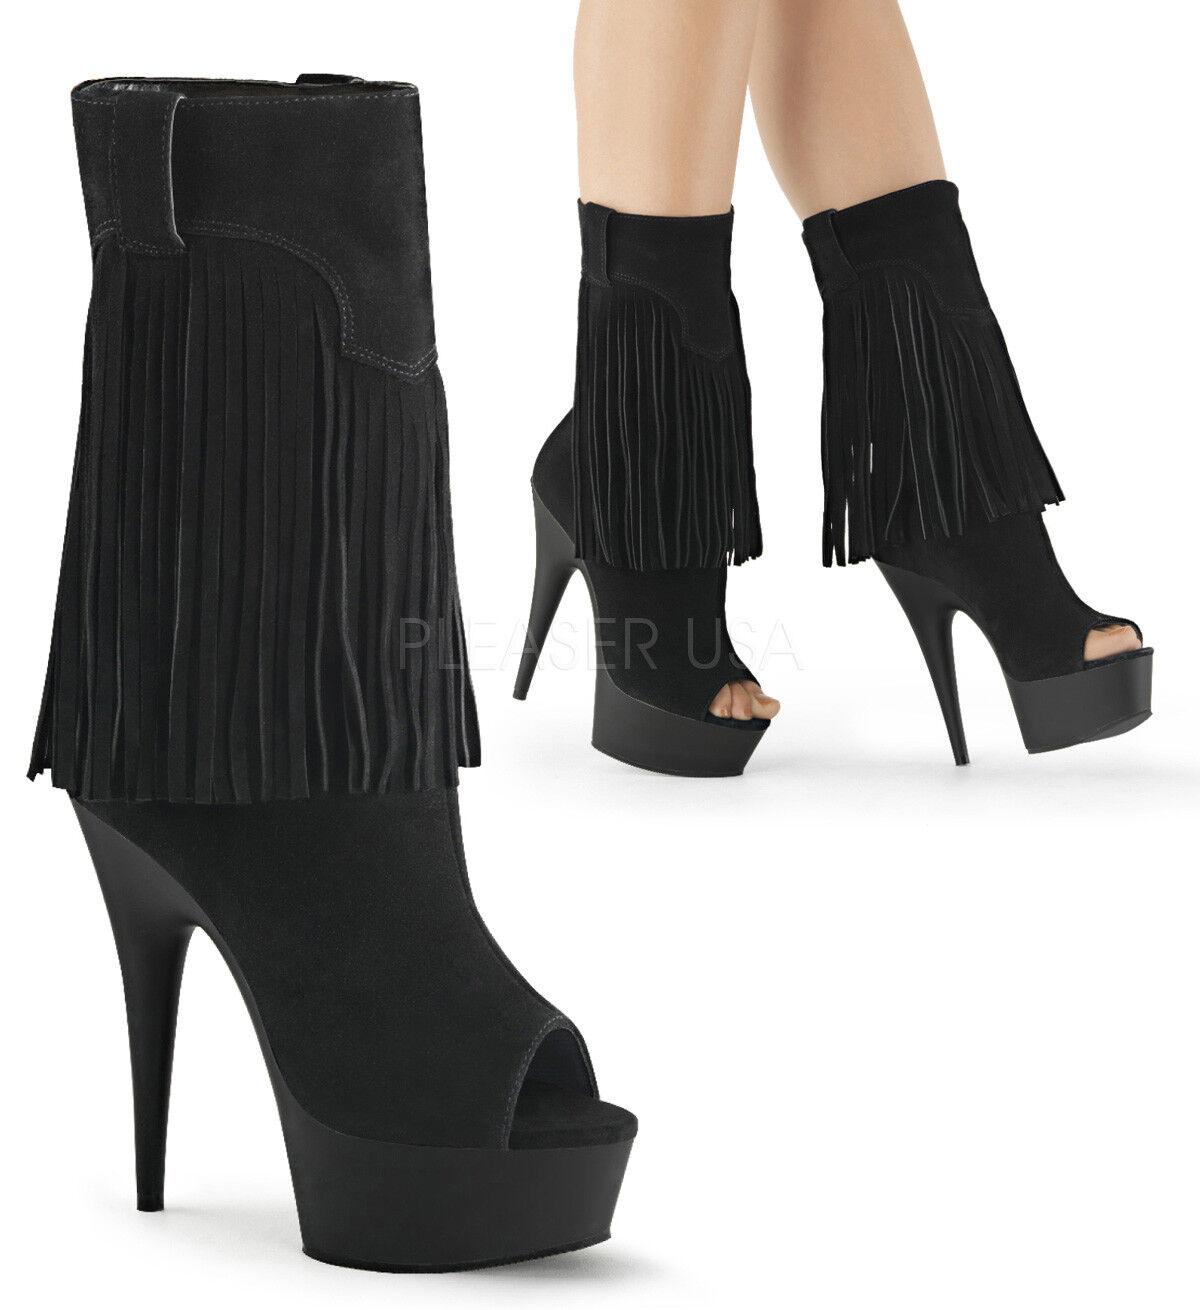 6  Negro Negro Negro Borlas Vaquero Vaquera Disfraz De Plataforma Bailarín Stripper botas Tacones 8 9  Las ventas en línea ahorran un 70%.